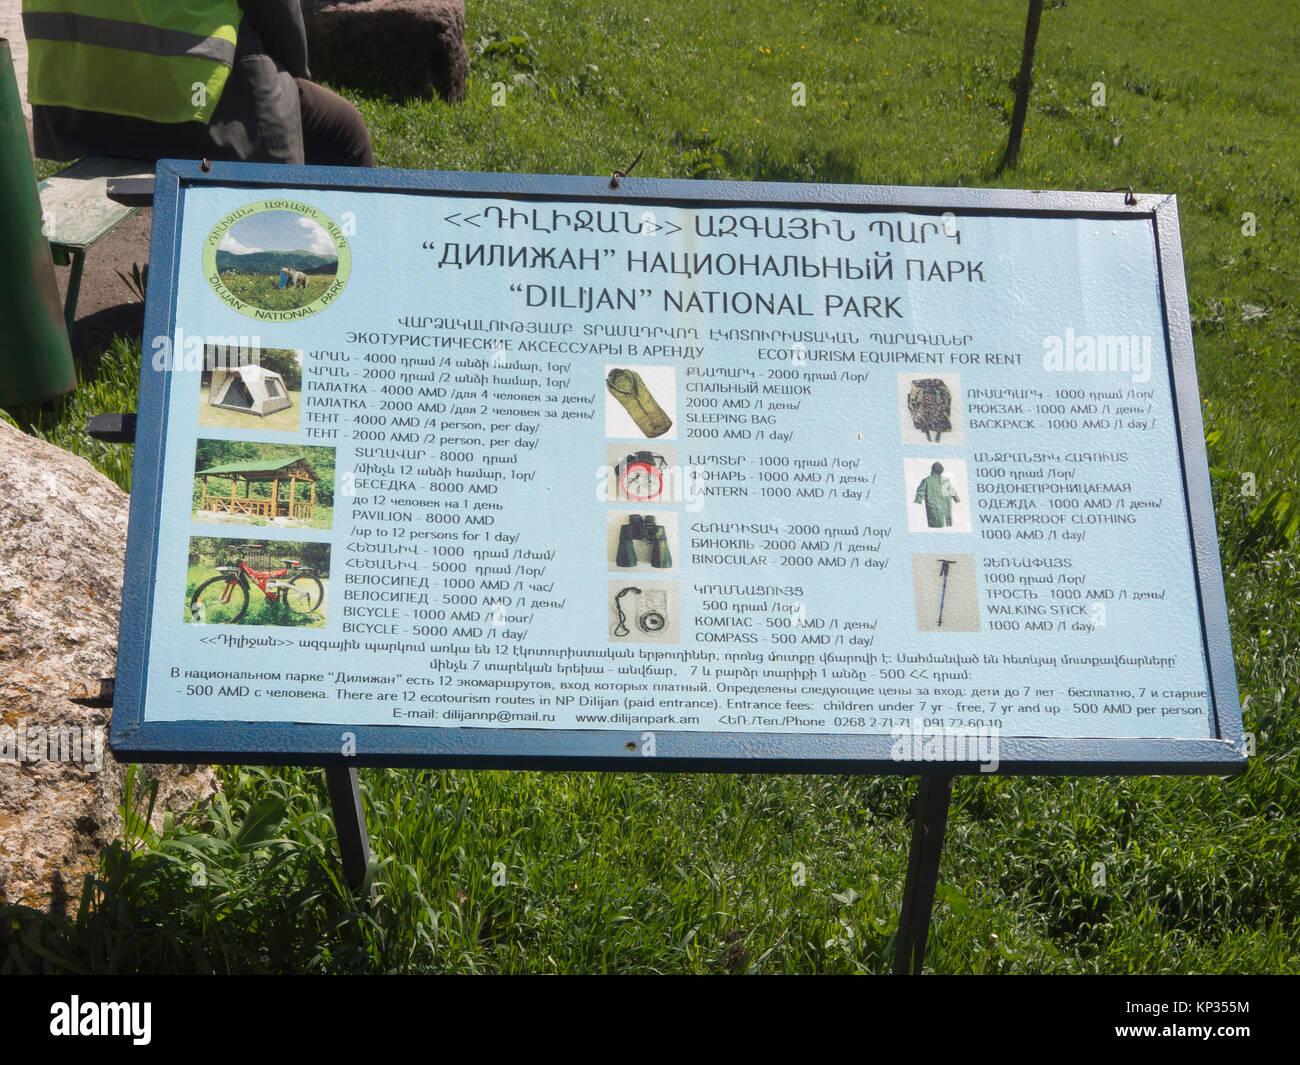 Información para turistas y excursionistas sobre el parque nacional Dilijan, en la aldea de Gosh inn Armenia Imagen De Stock